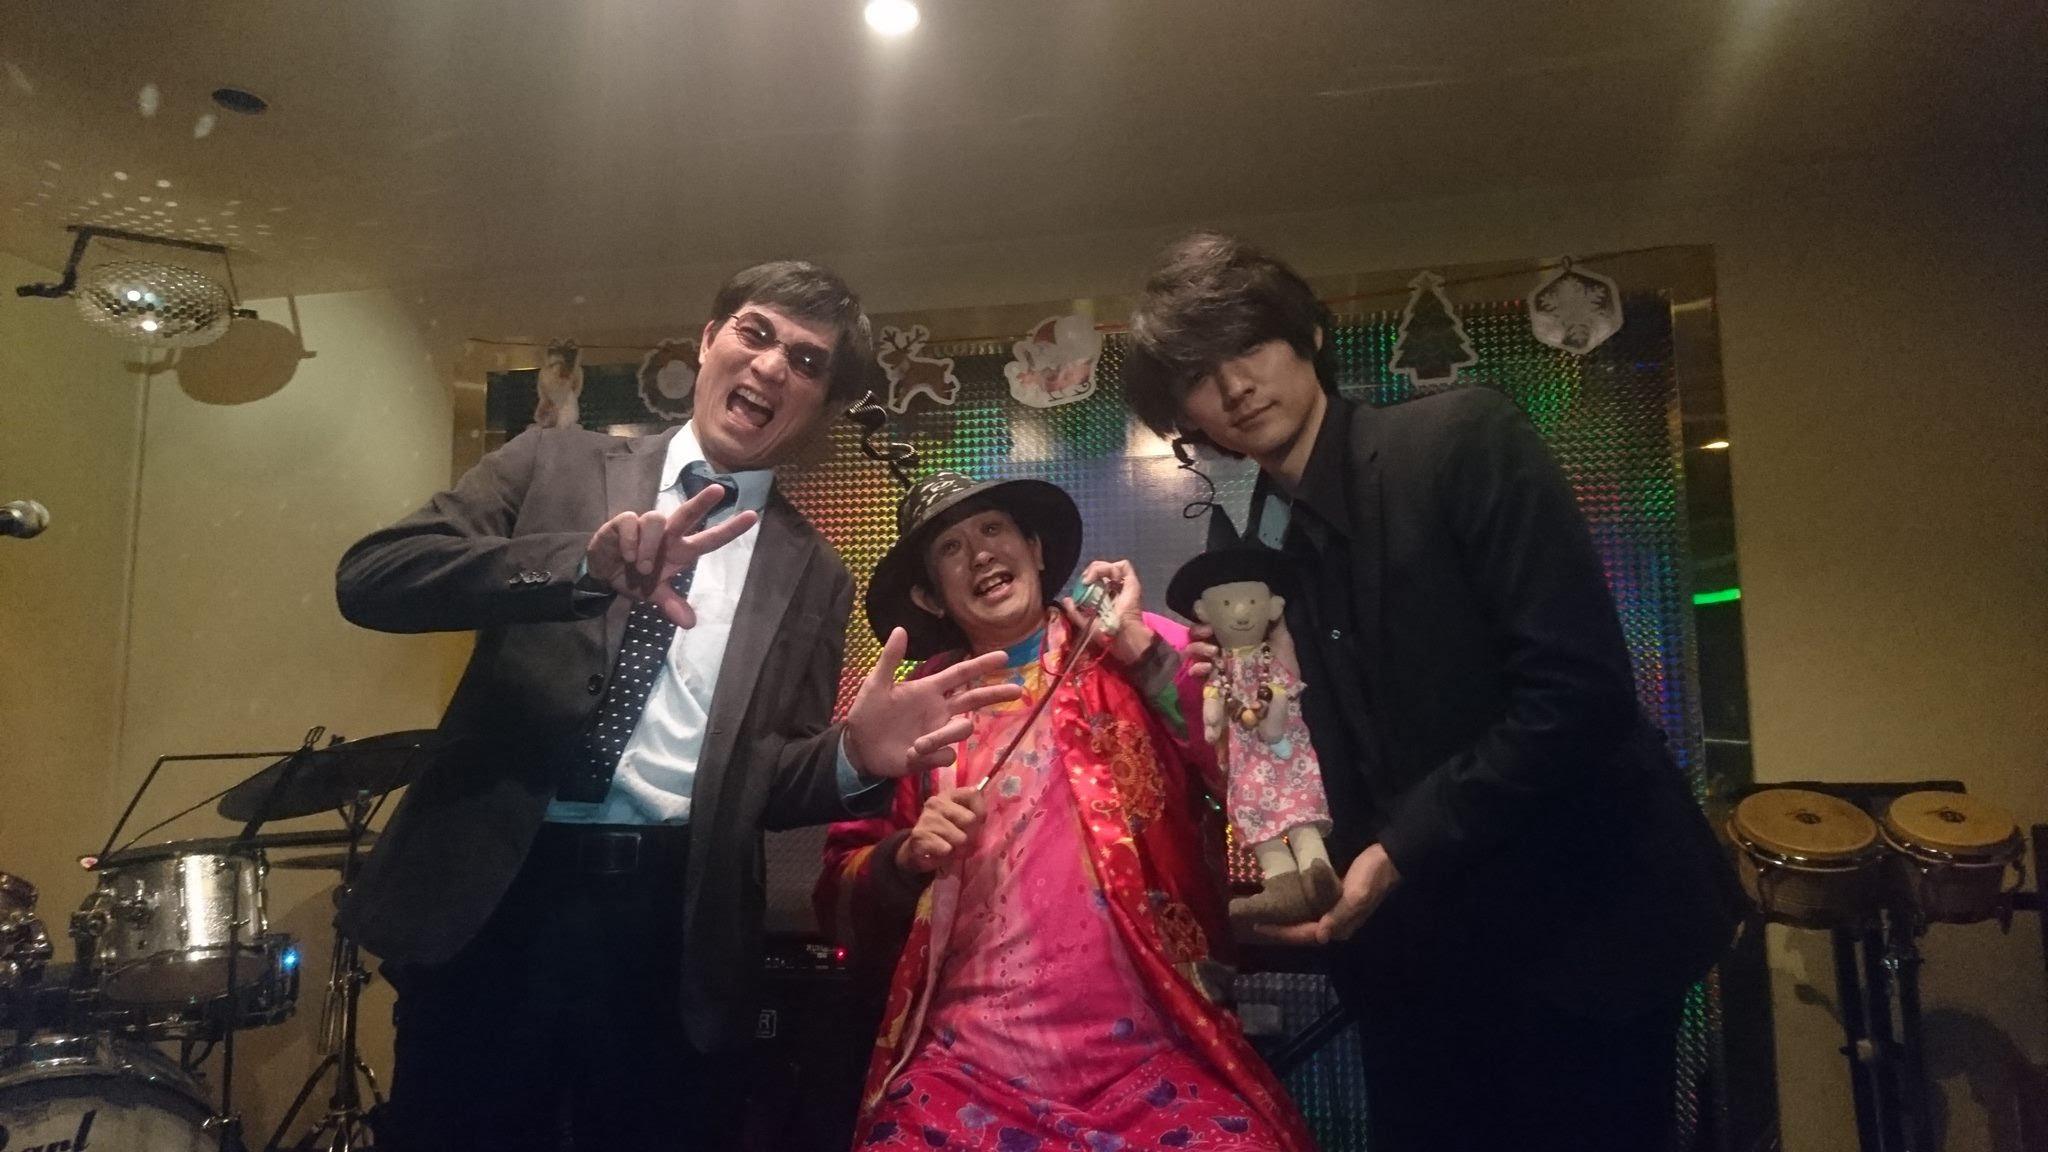 12/07。「ひんでんさん人形」の似顔絵も。道太郎さん桜井さん渡邉真希さん進藤洋樹さんとかとかと。